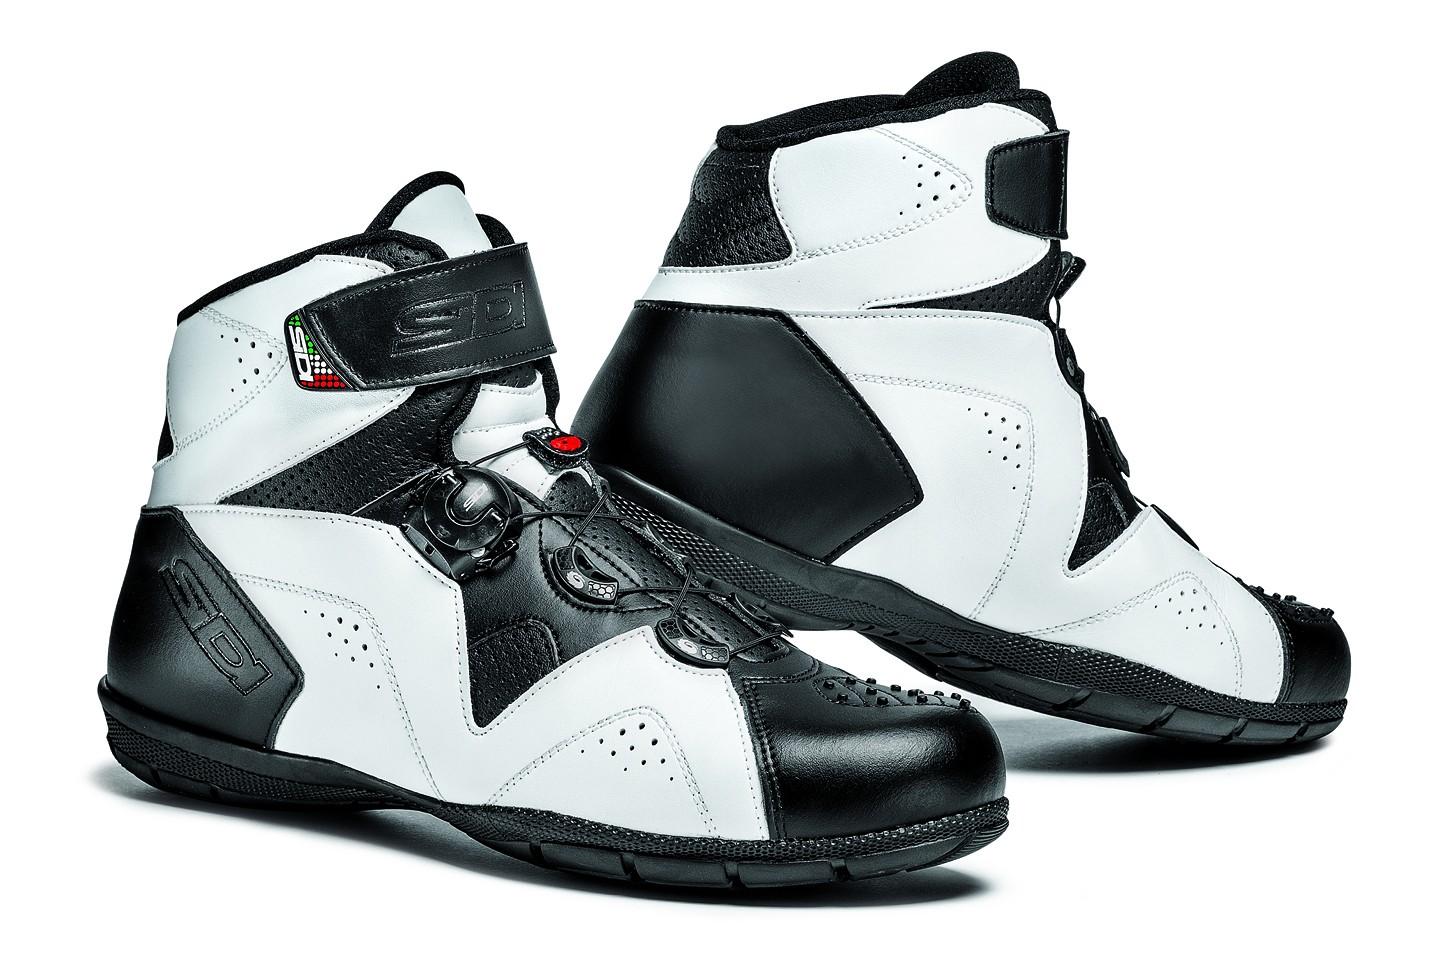 SIDI ASTRO Enduro moto boty černá bílá - Bolder - Moto oblečení c63c6a78a8